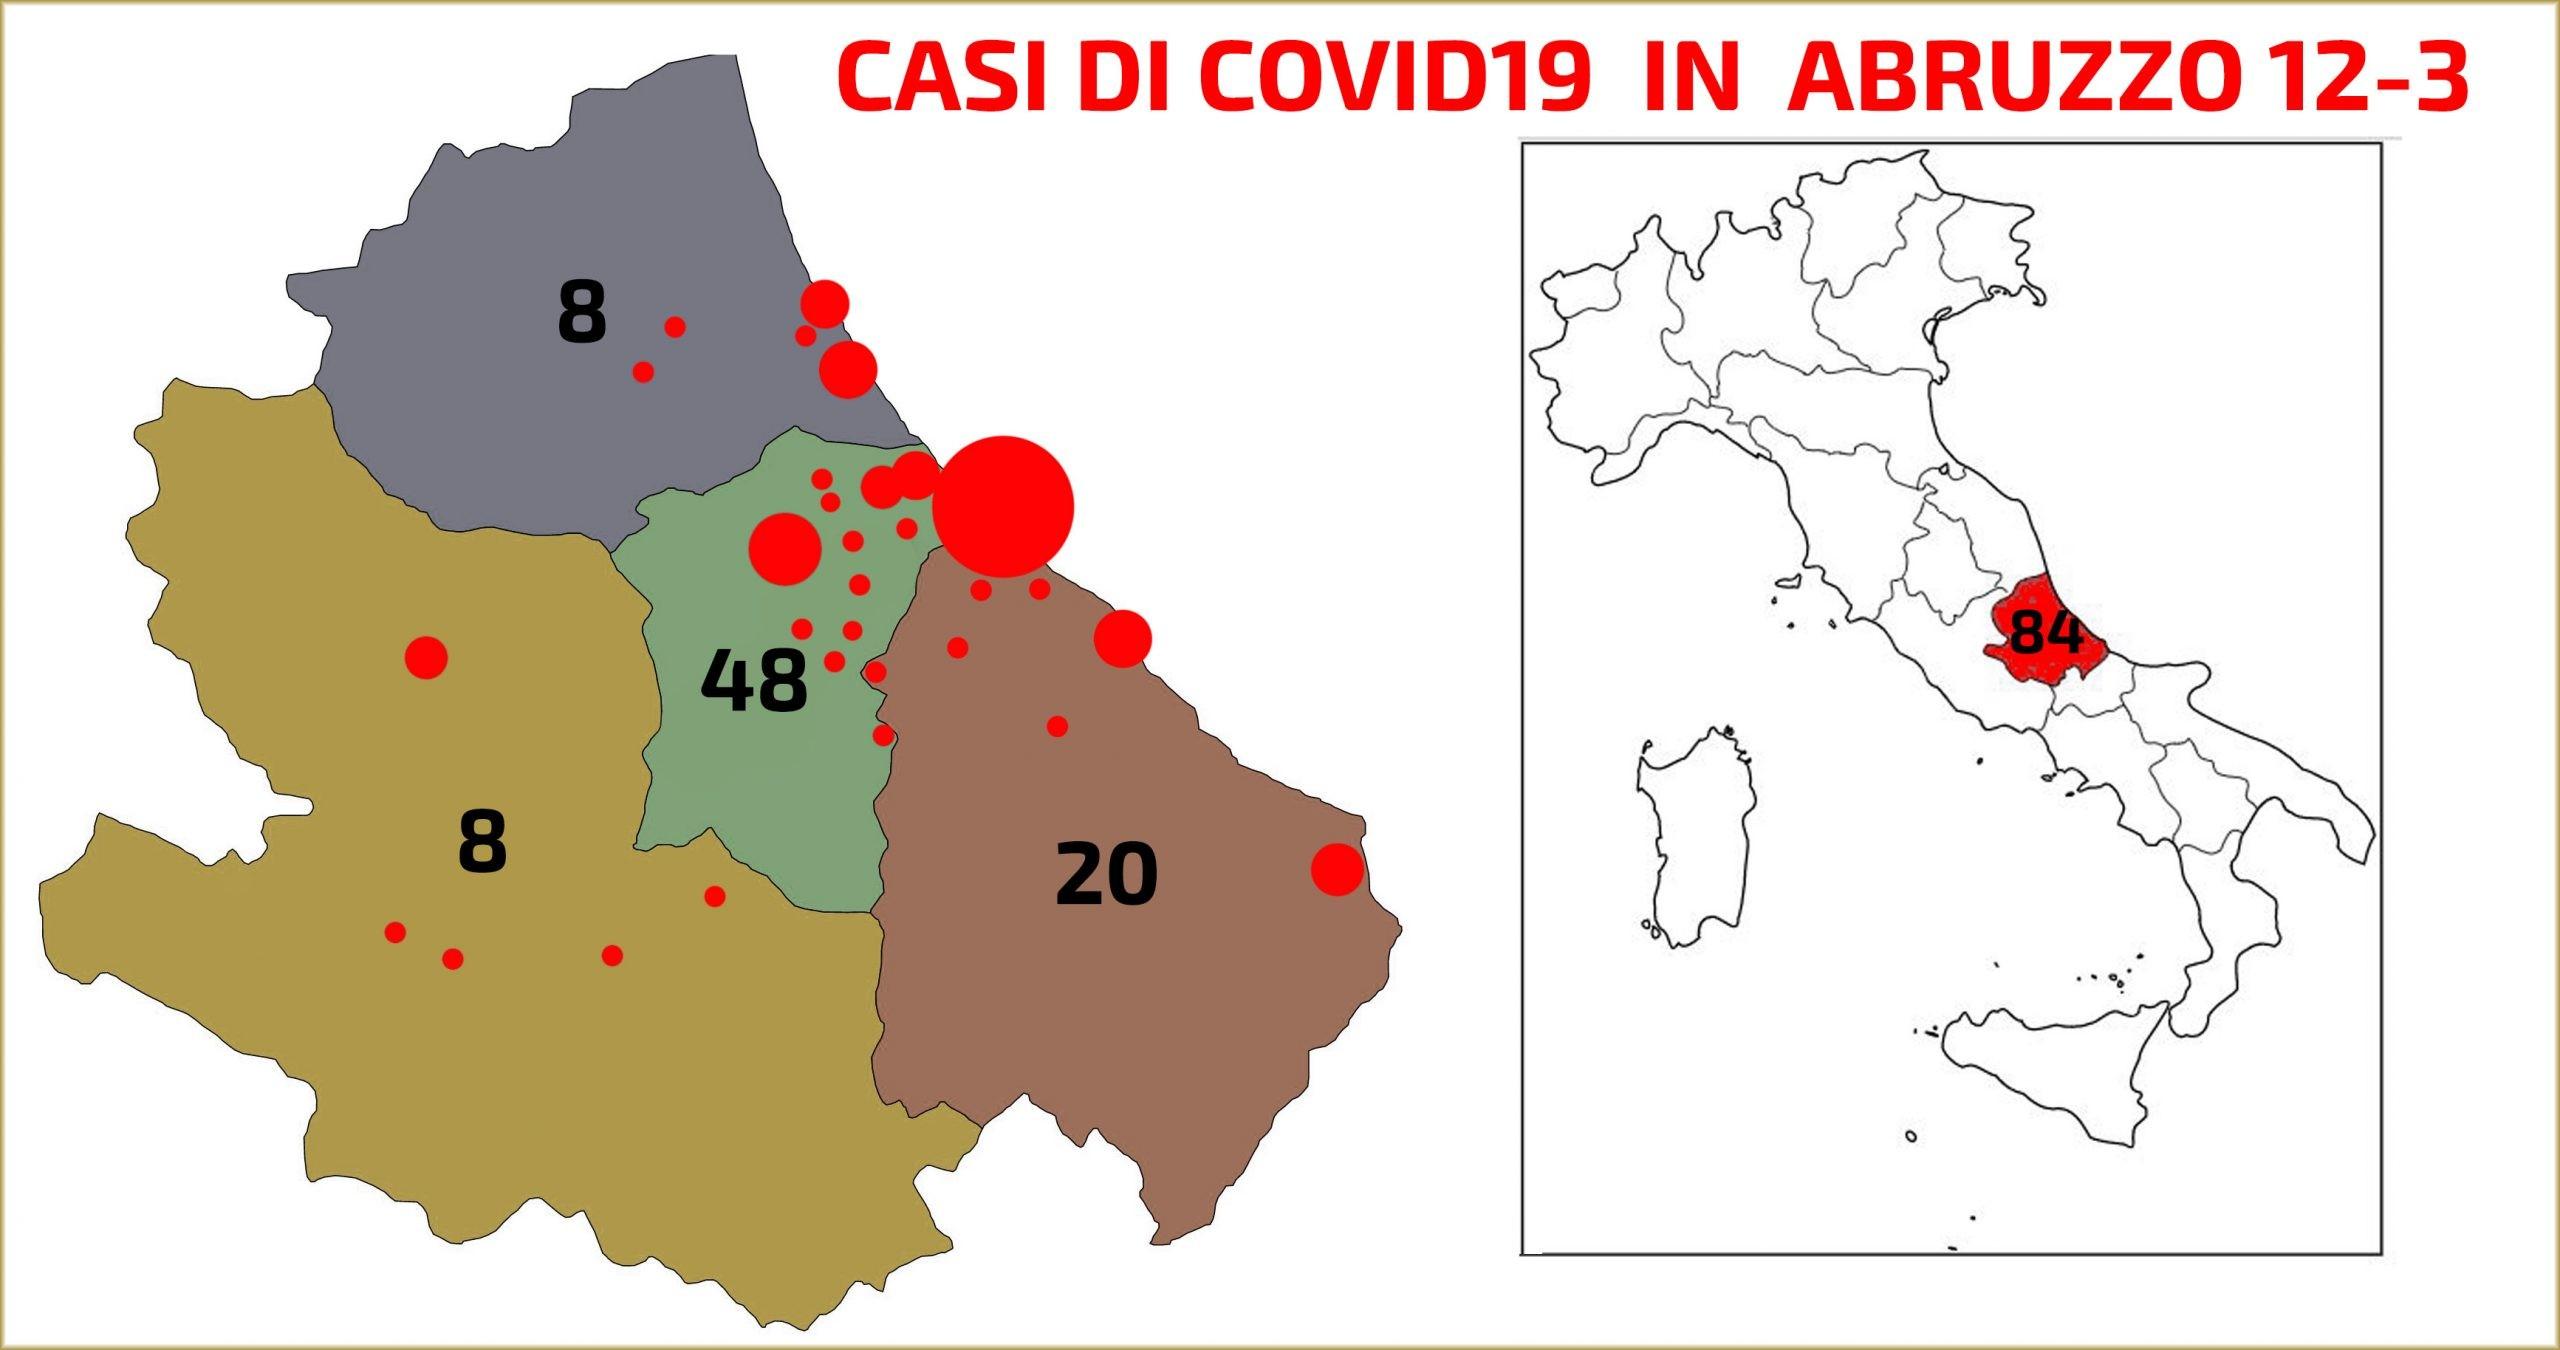 Cartina Dettagliata Abruzzo.Coronavirus La Mappa Aggiornata Dei Contagi In Abruzzo Crescono I Casi Nel Pescarese Abruzzolive